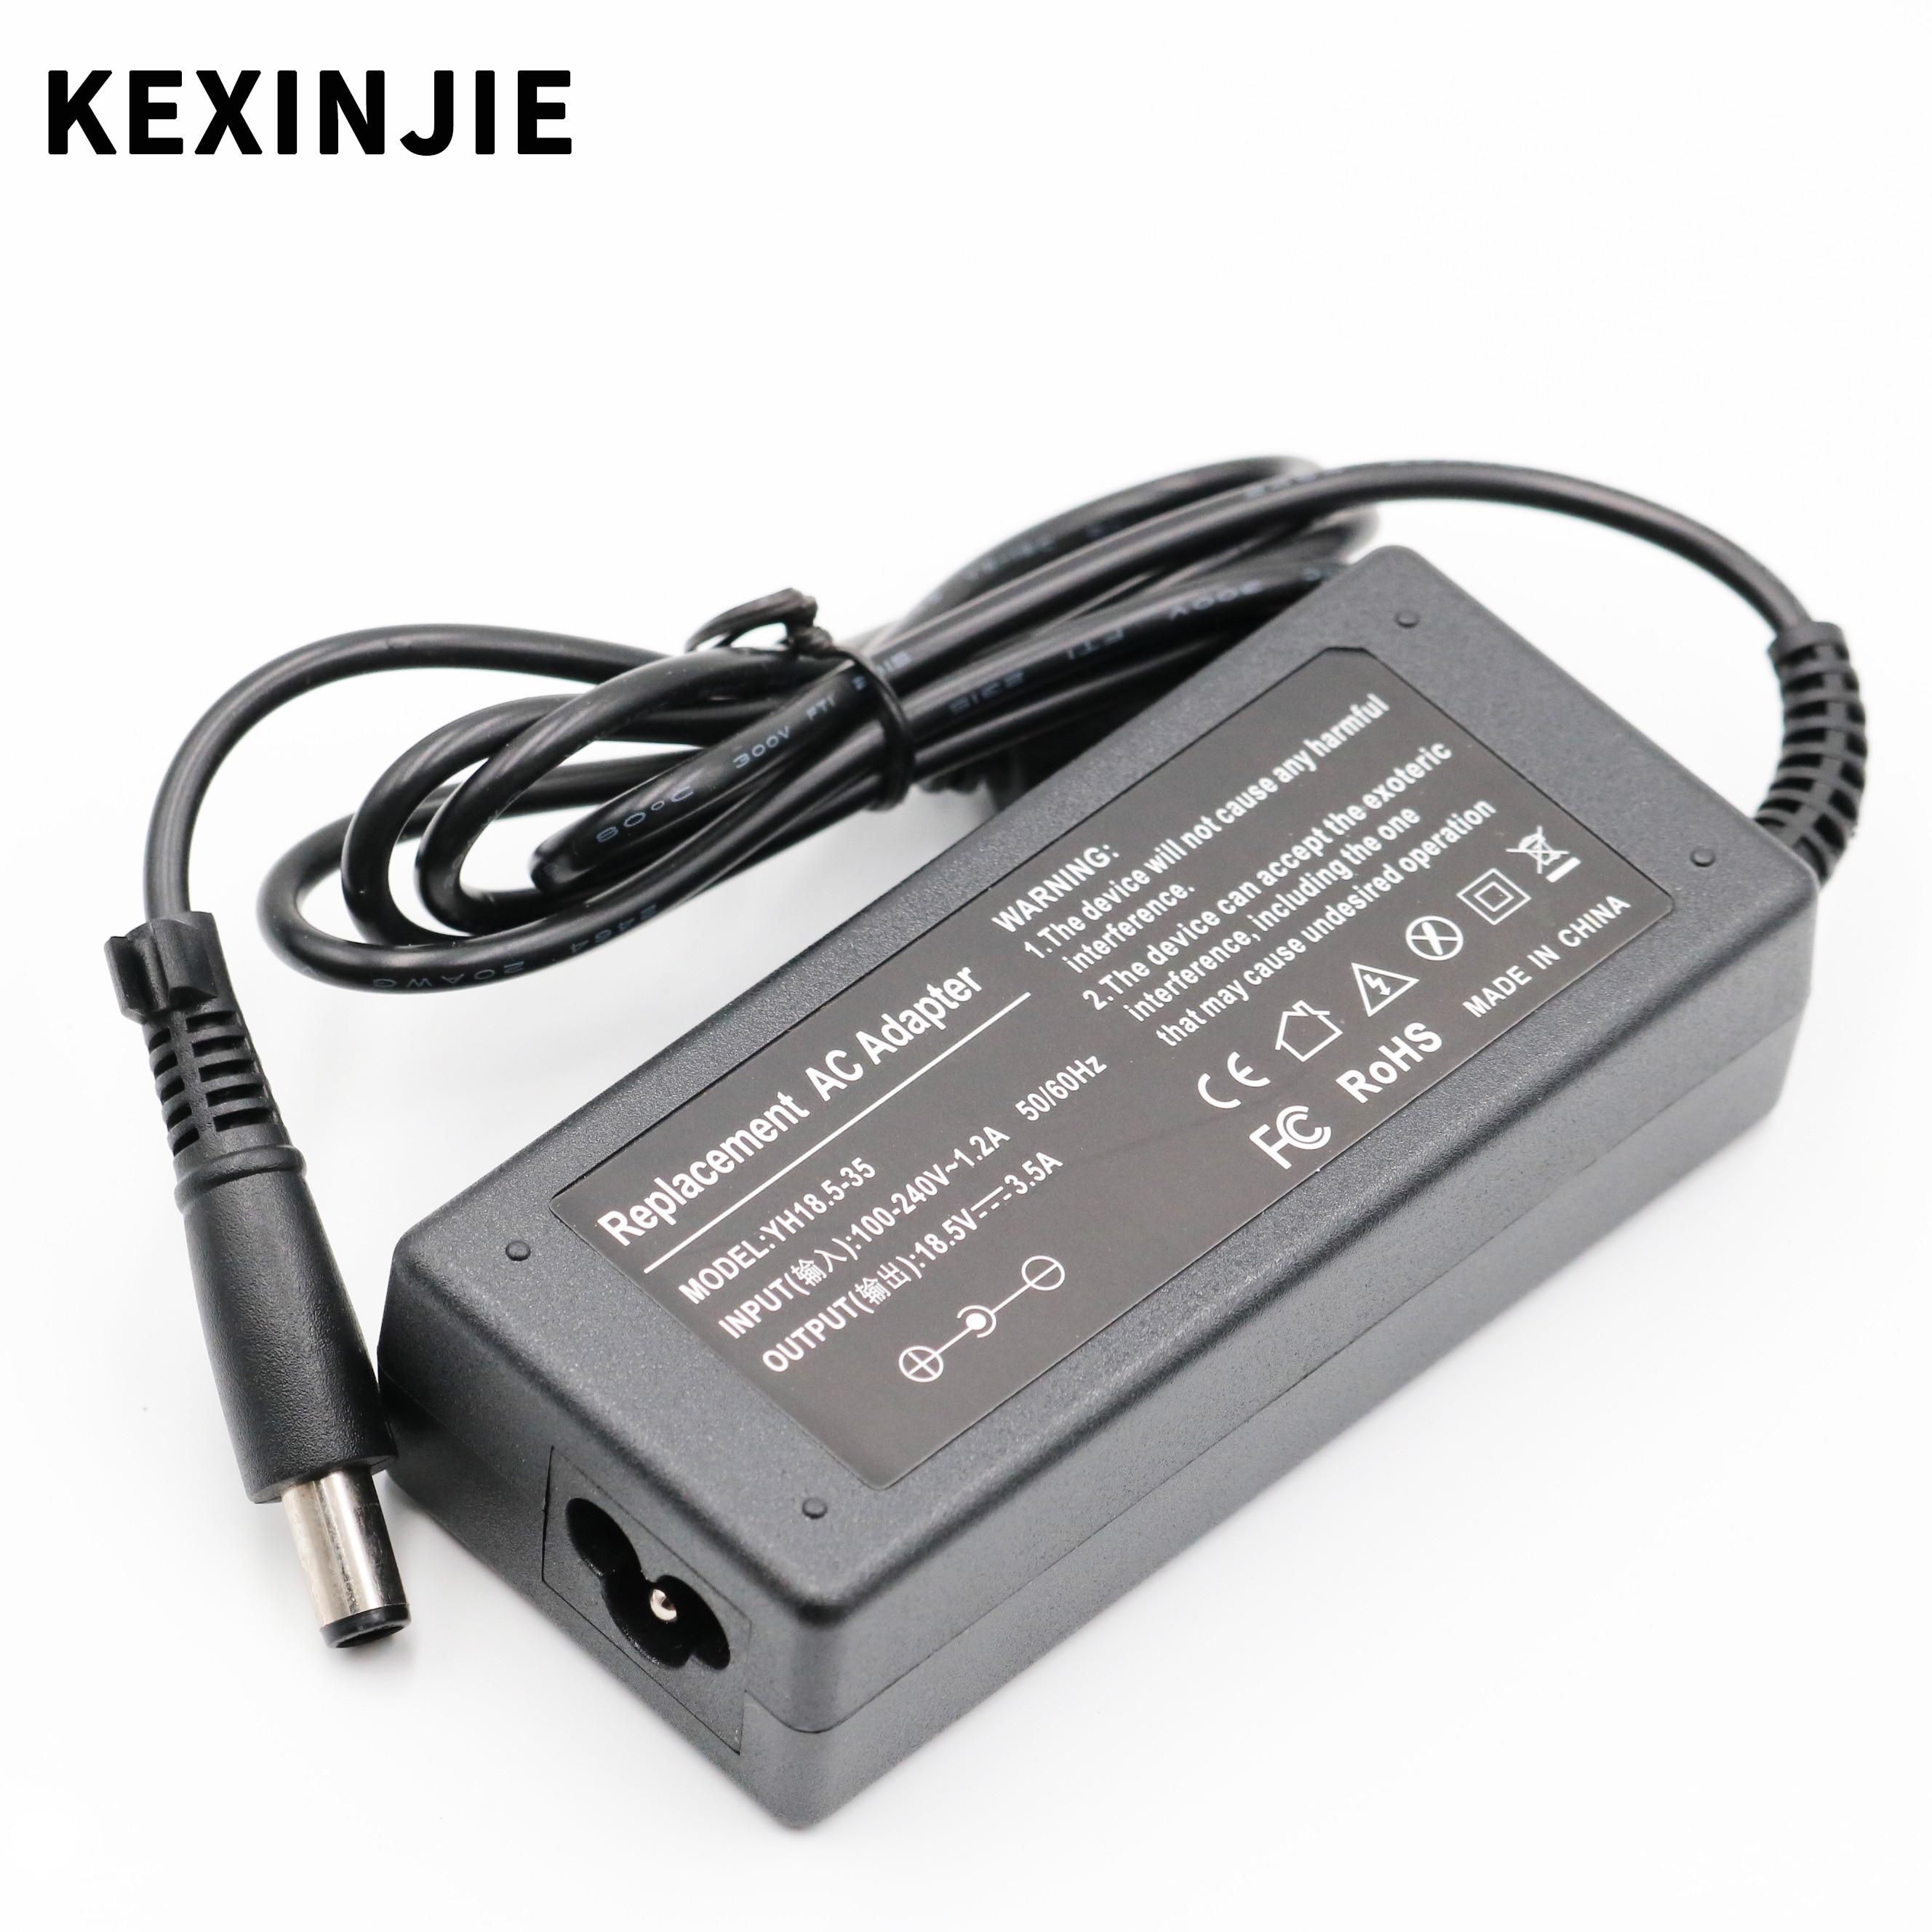 18,5 V 3.5A 65W оригинальный адаптер переменного тока зарядное устройство источник питания для HP Probook 430 440 450 455 640 645 650 655 G1 G2 18.5V3.5A